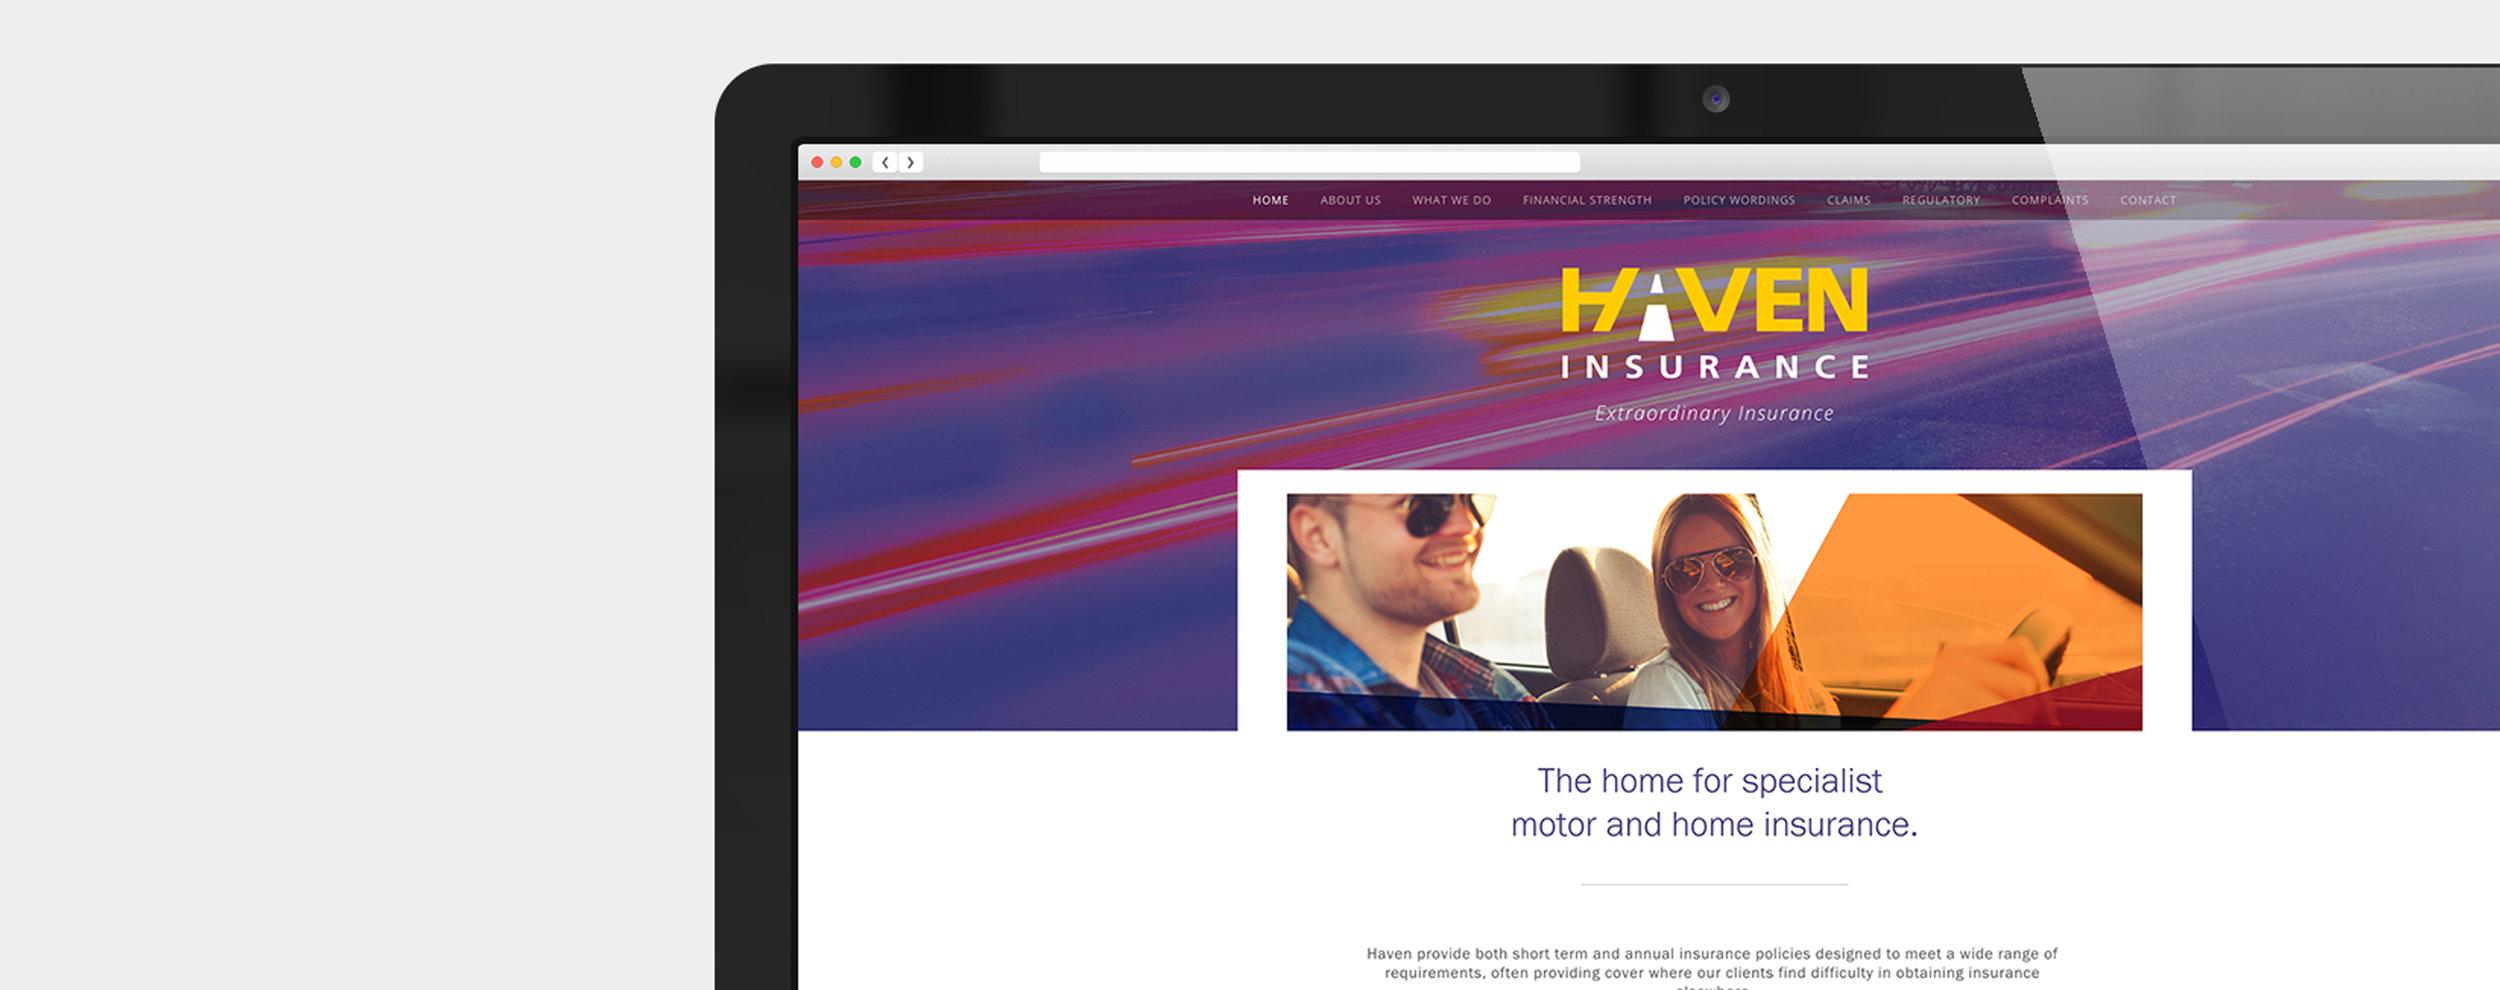 Haven site.jpg